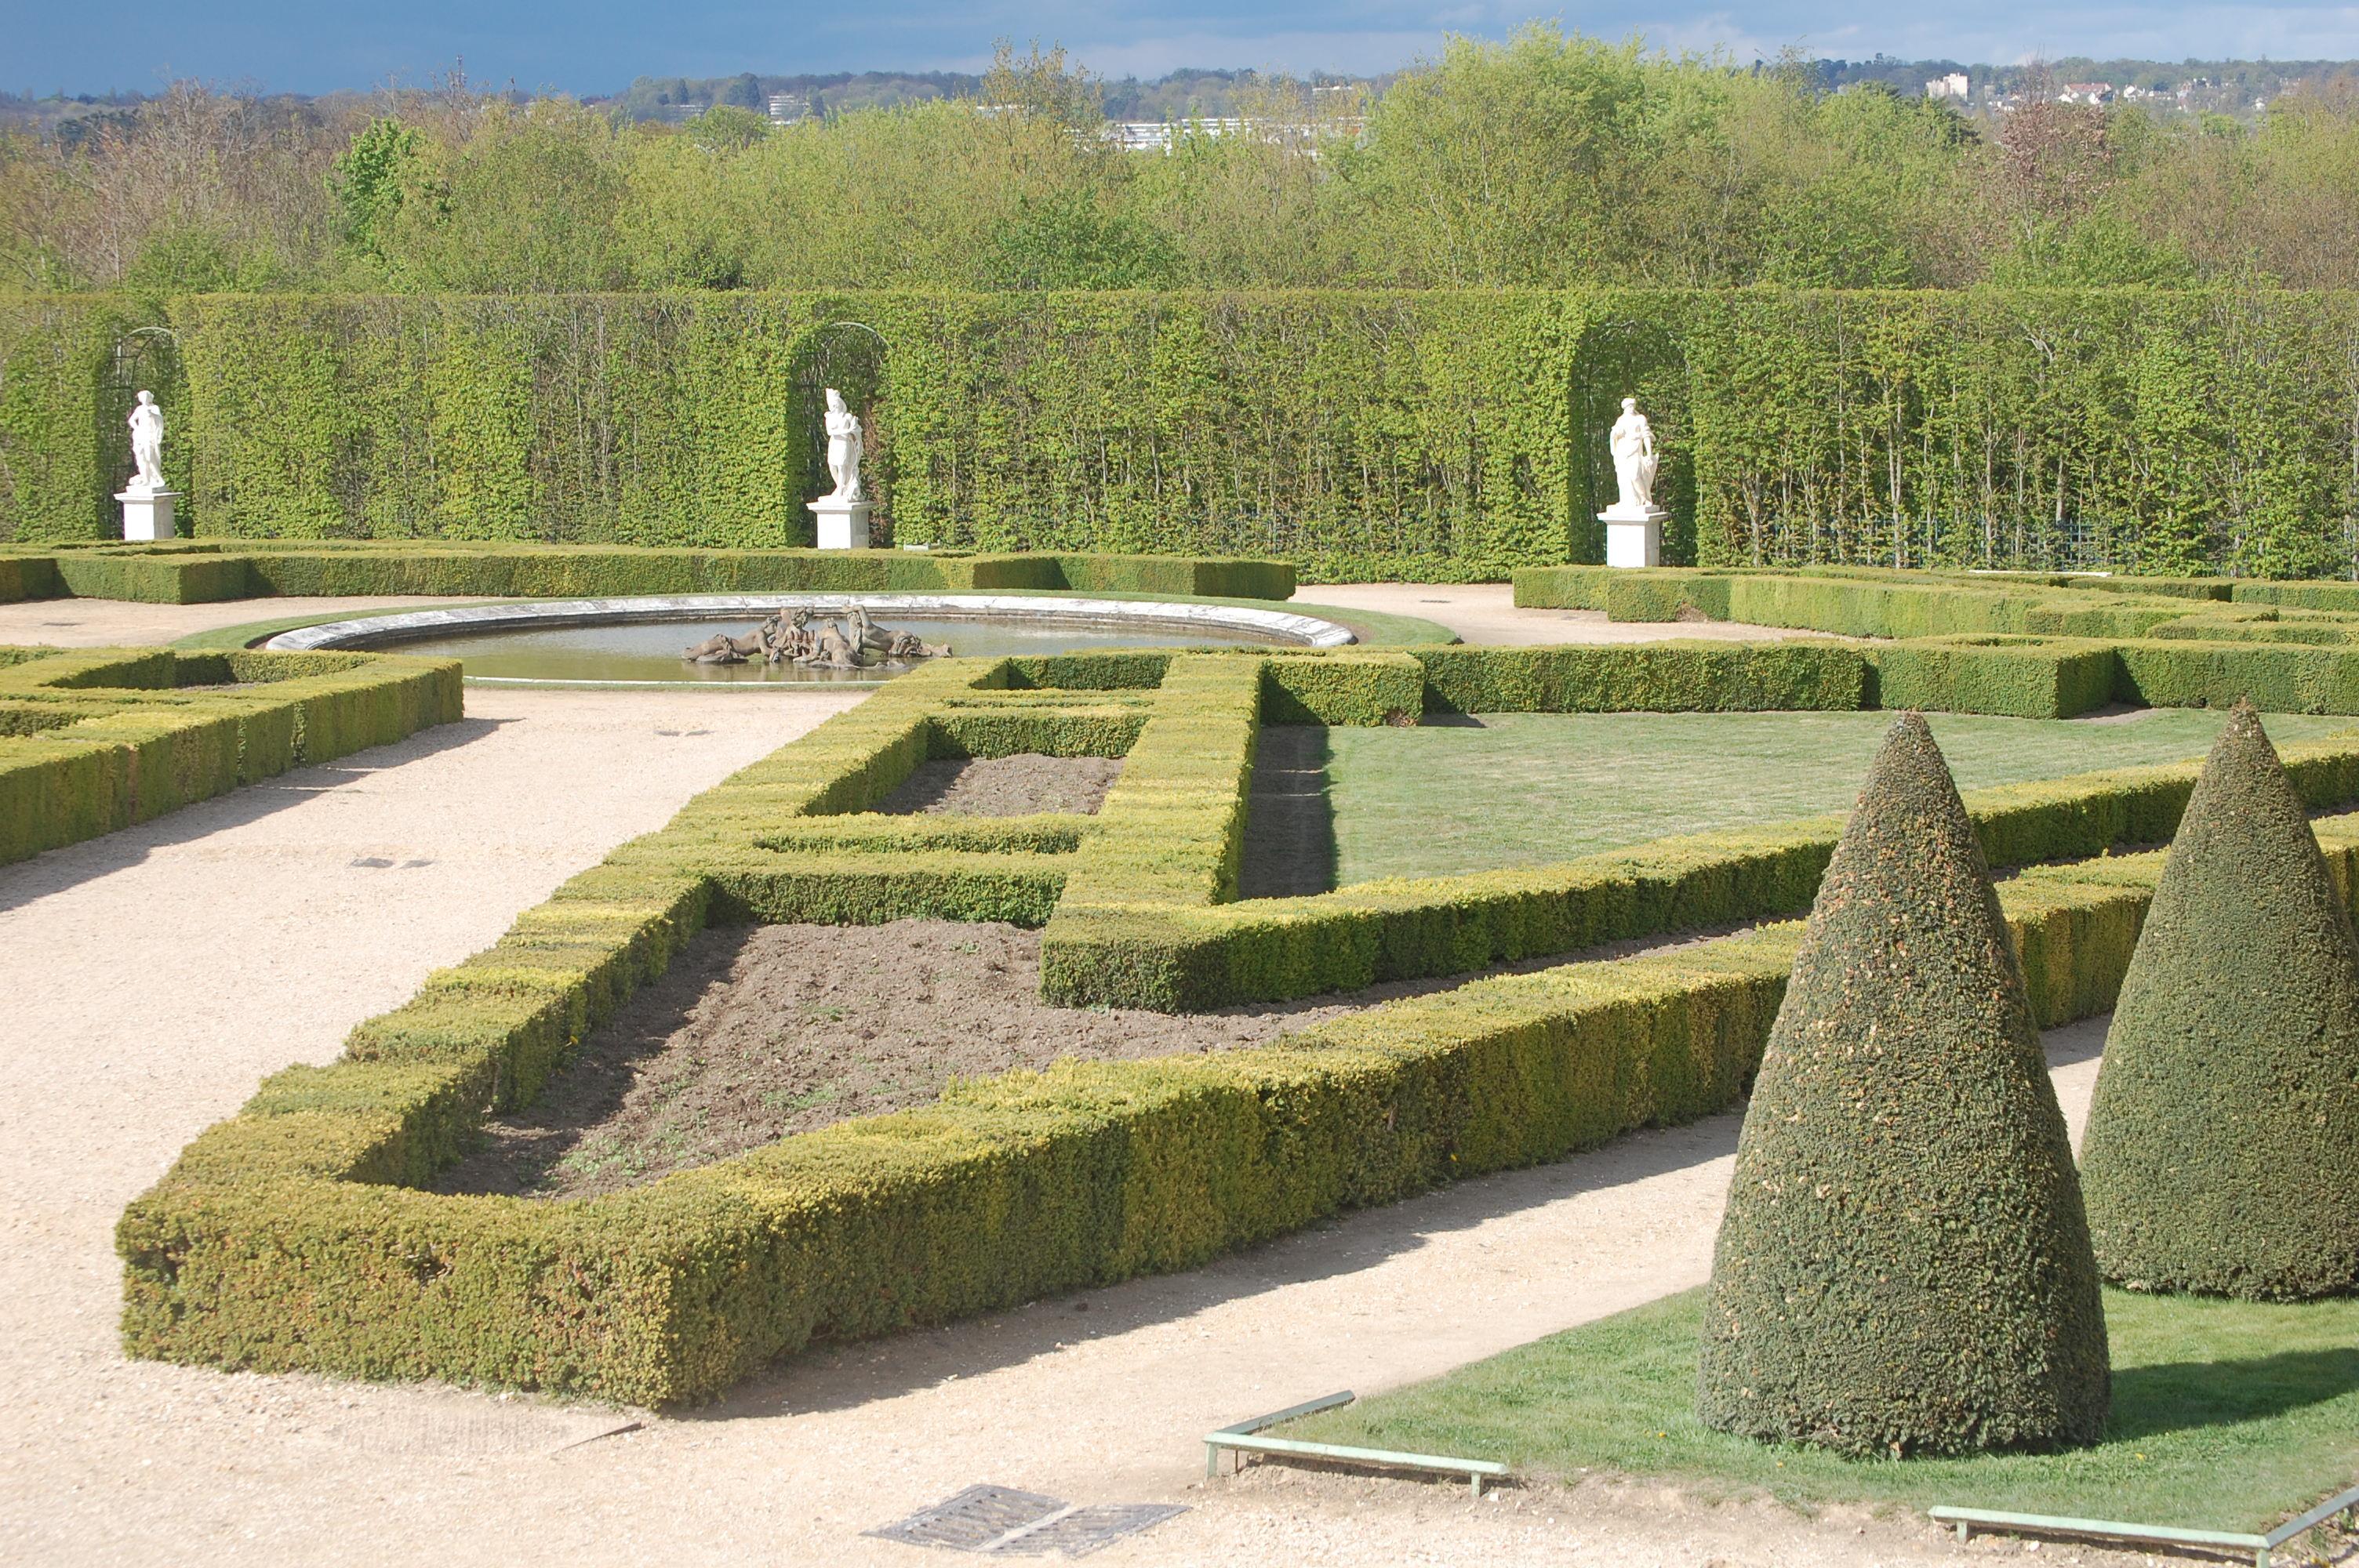 Of Versaille Formal Garden 3008 x 2000